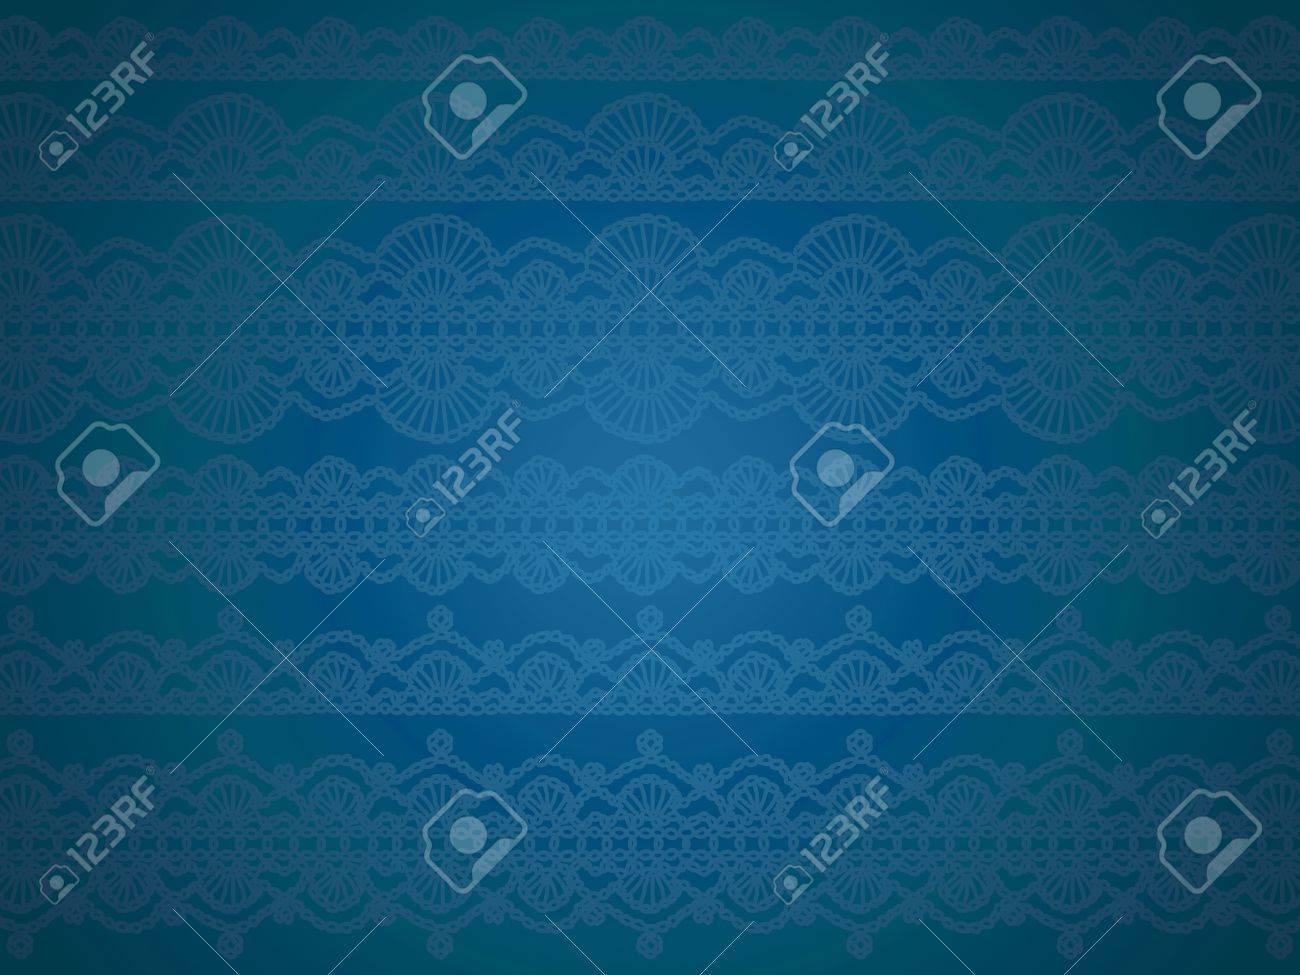 El Azul Oscuro De Fondo Blanco Y Negro Elegante Con Ebay Patrones ...